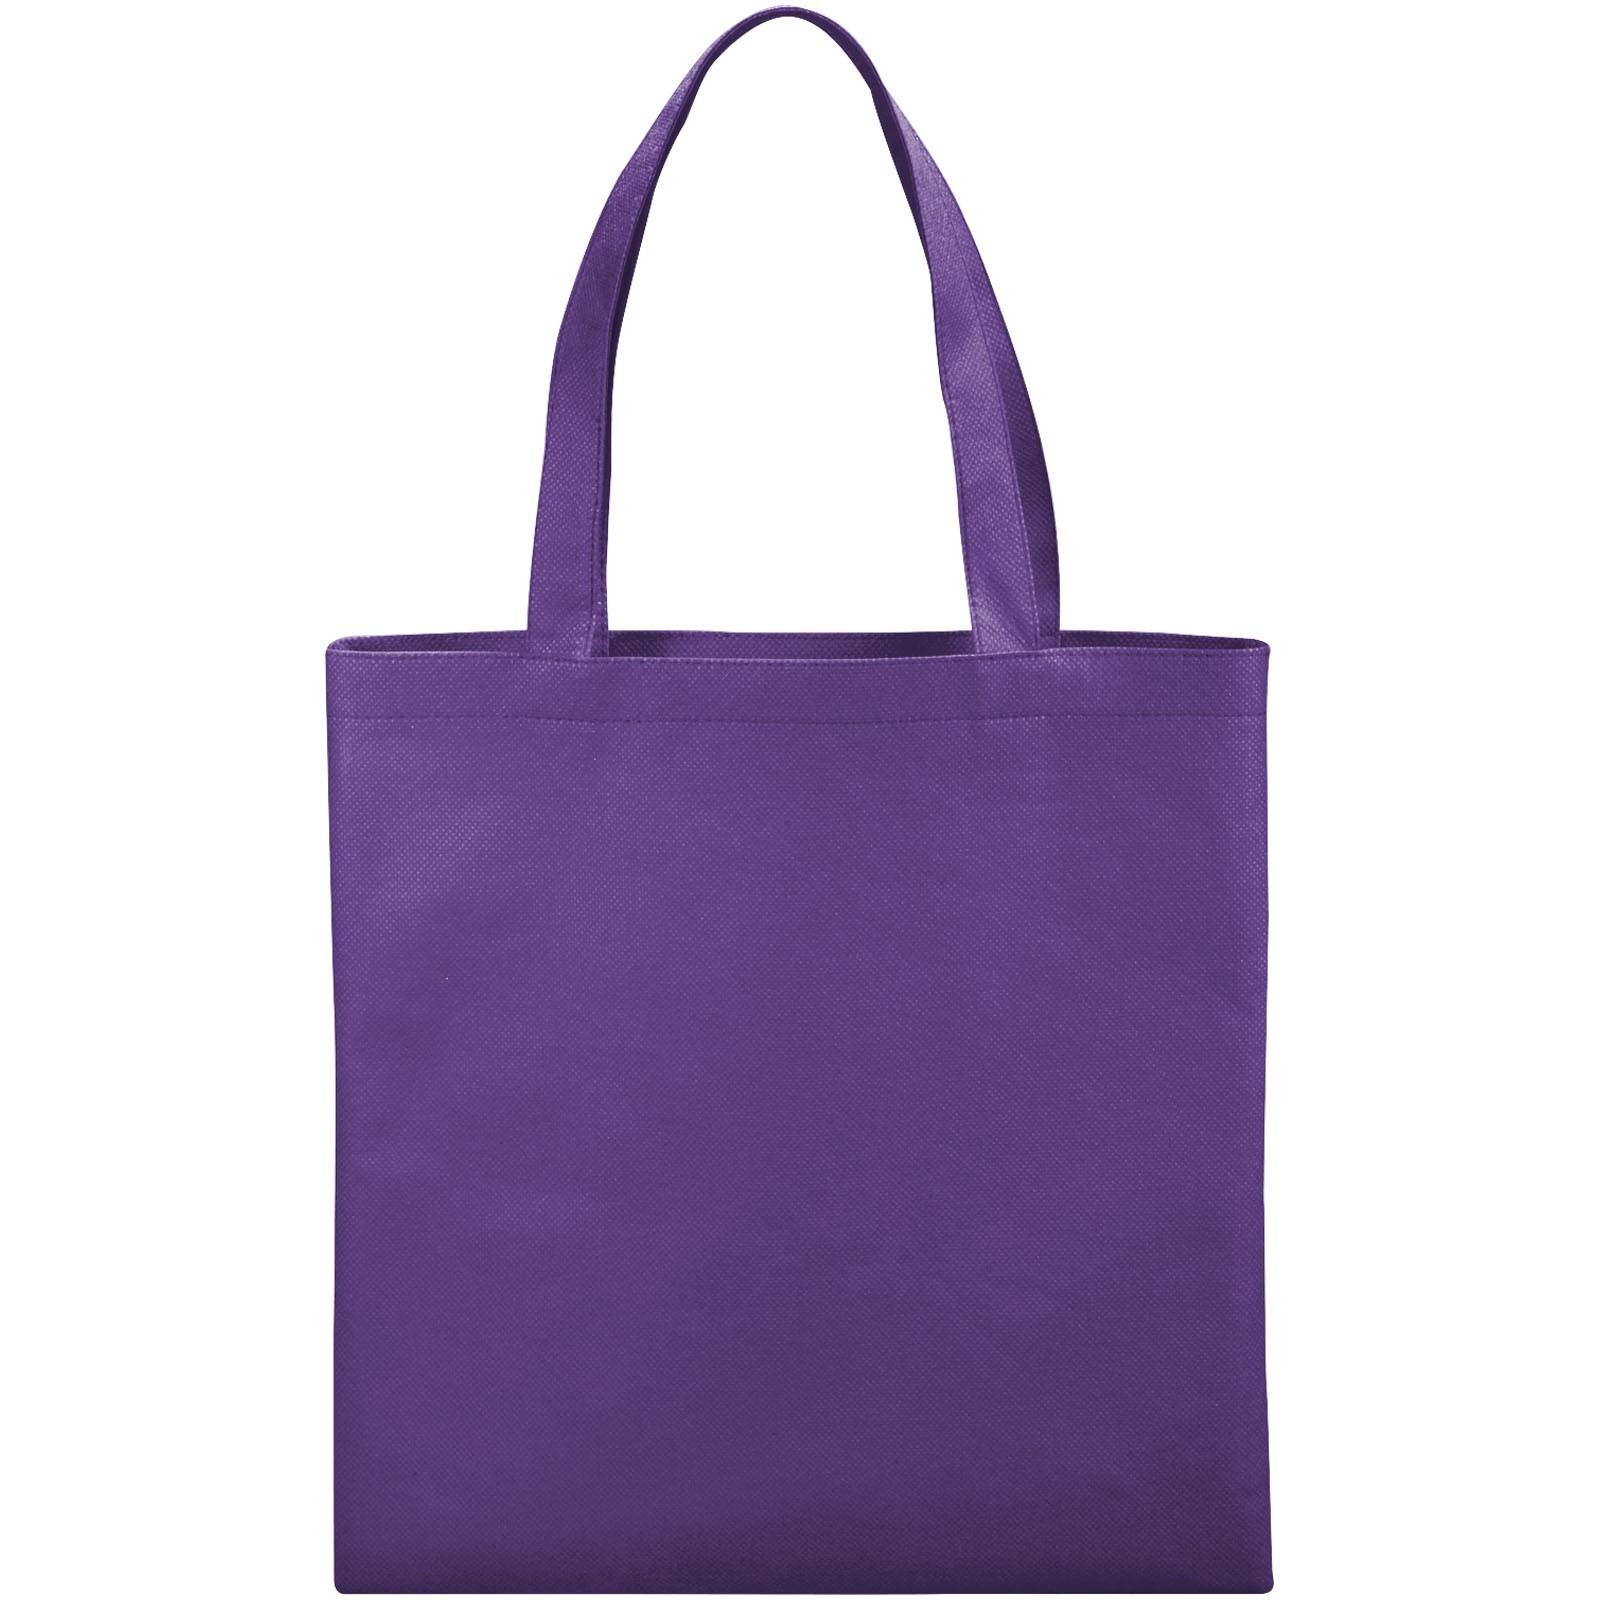 Zeus small non-woven convention tote bag - Lavender